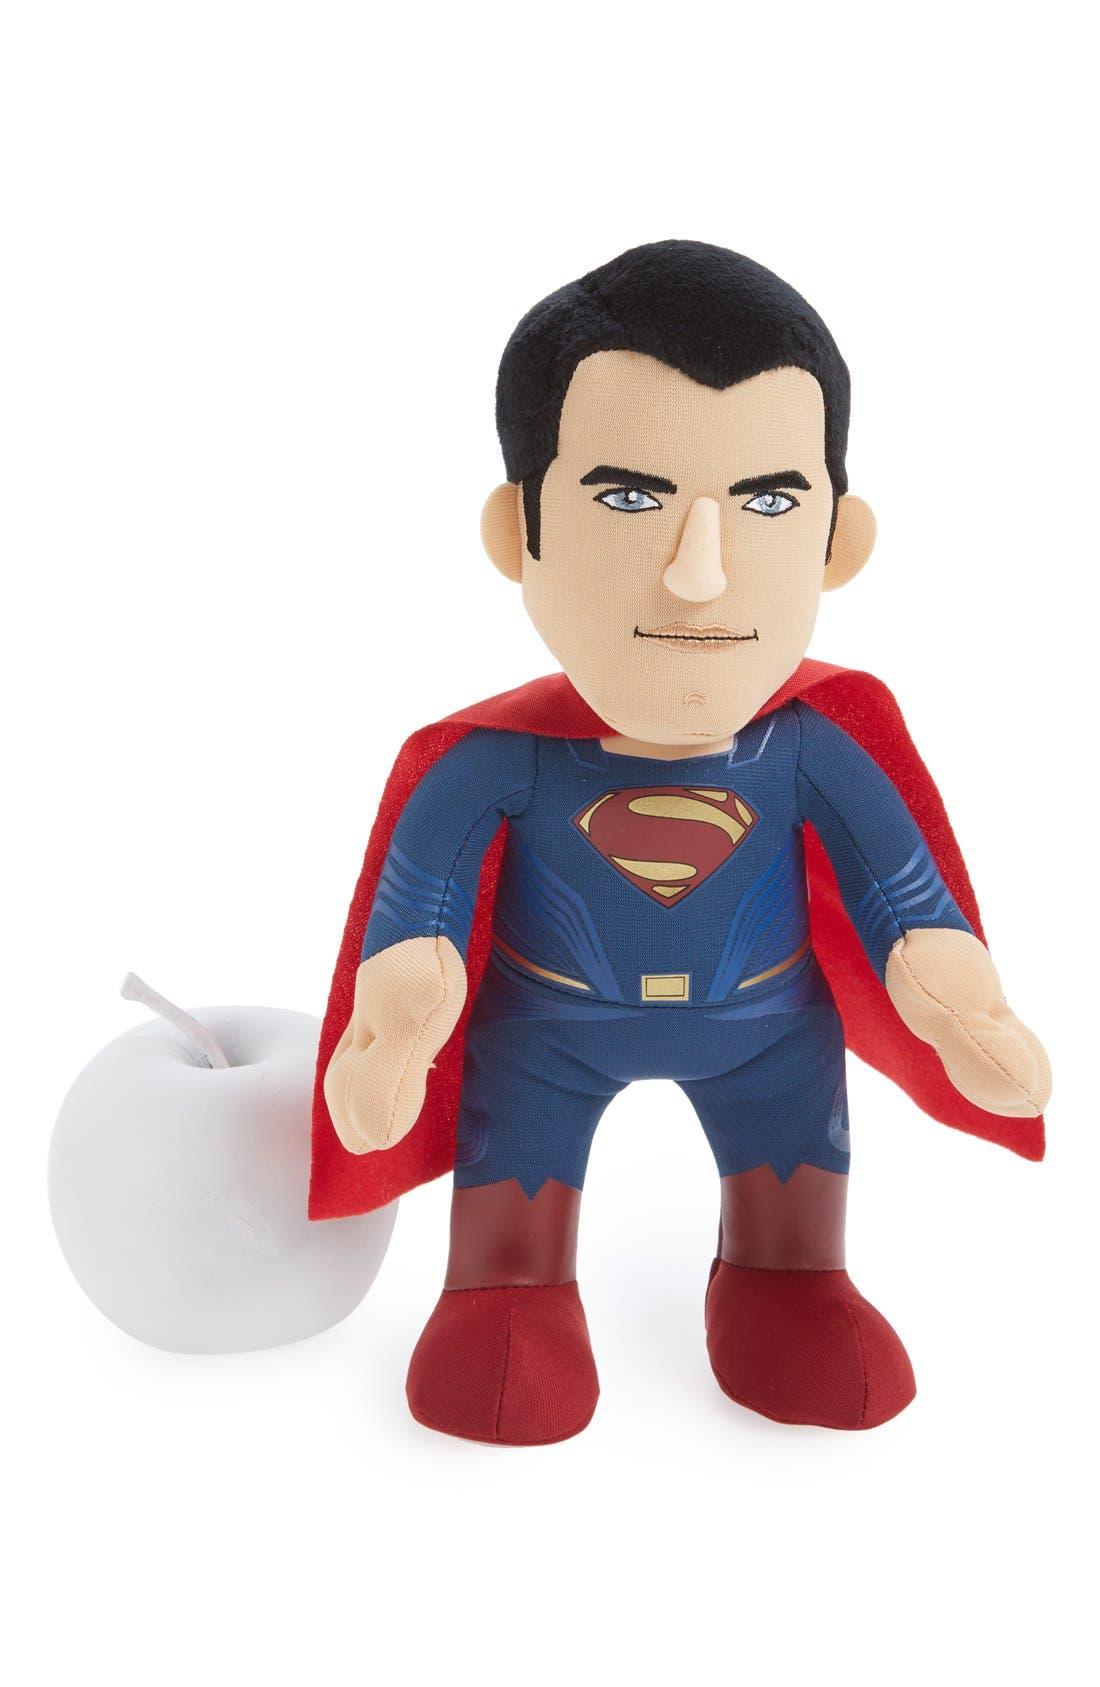 'Superman' Plush Toy,                             Main thumbnail 1, color,                             400